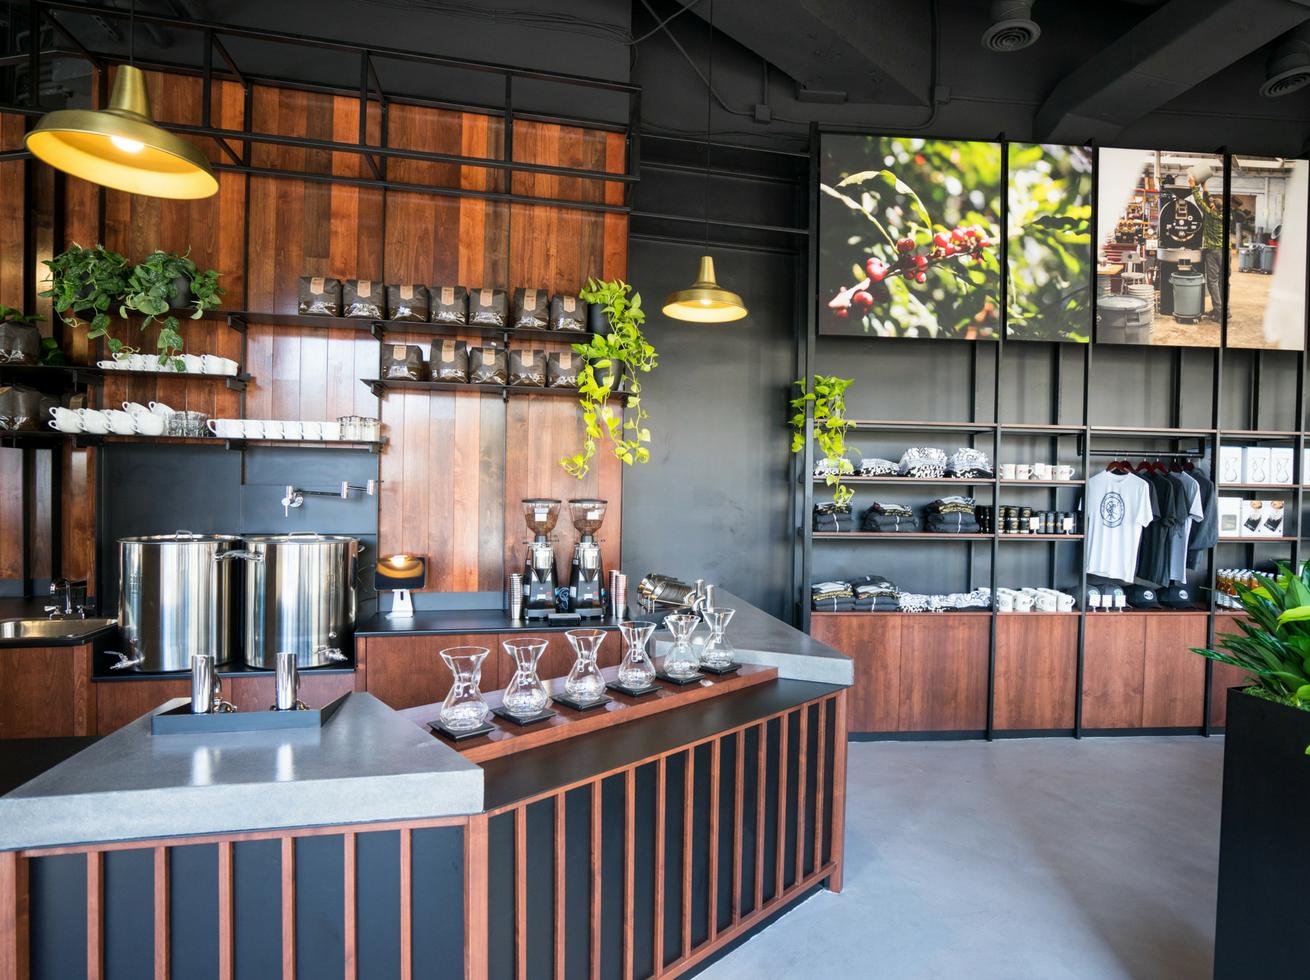 Coava San Diego Cafe